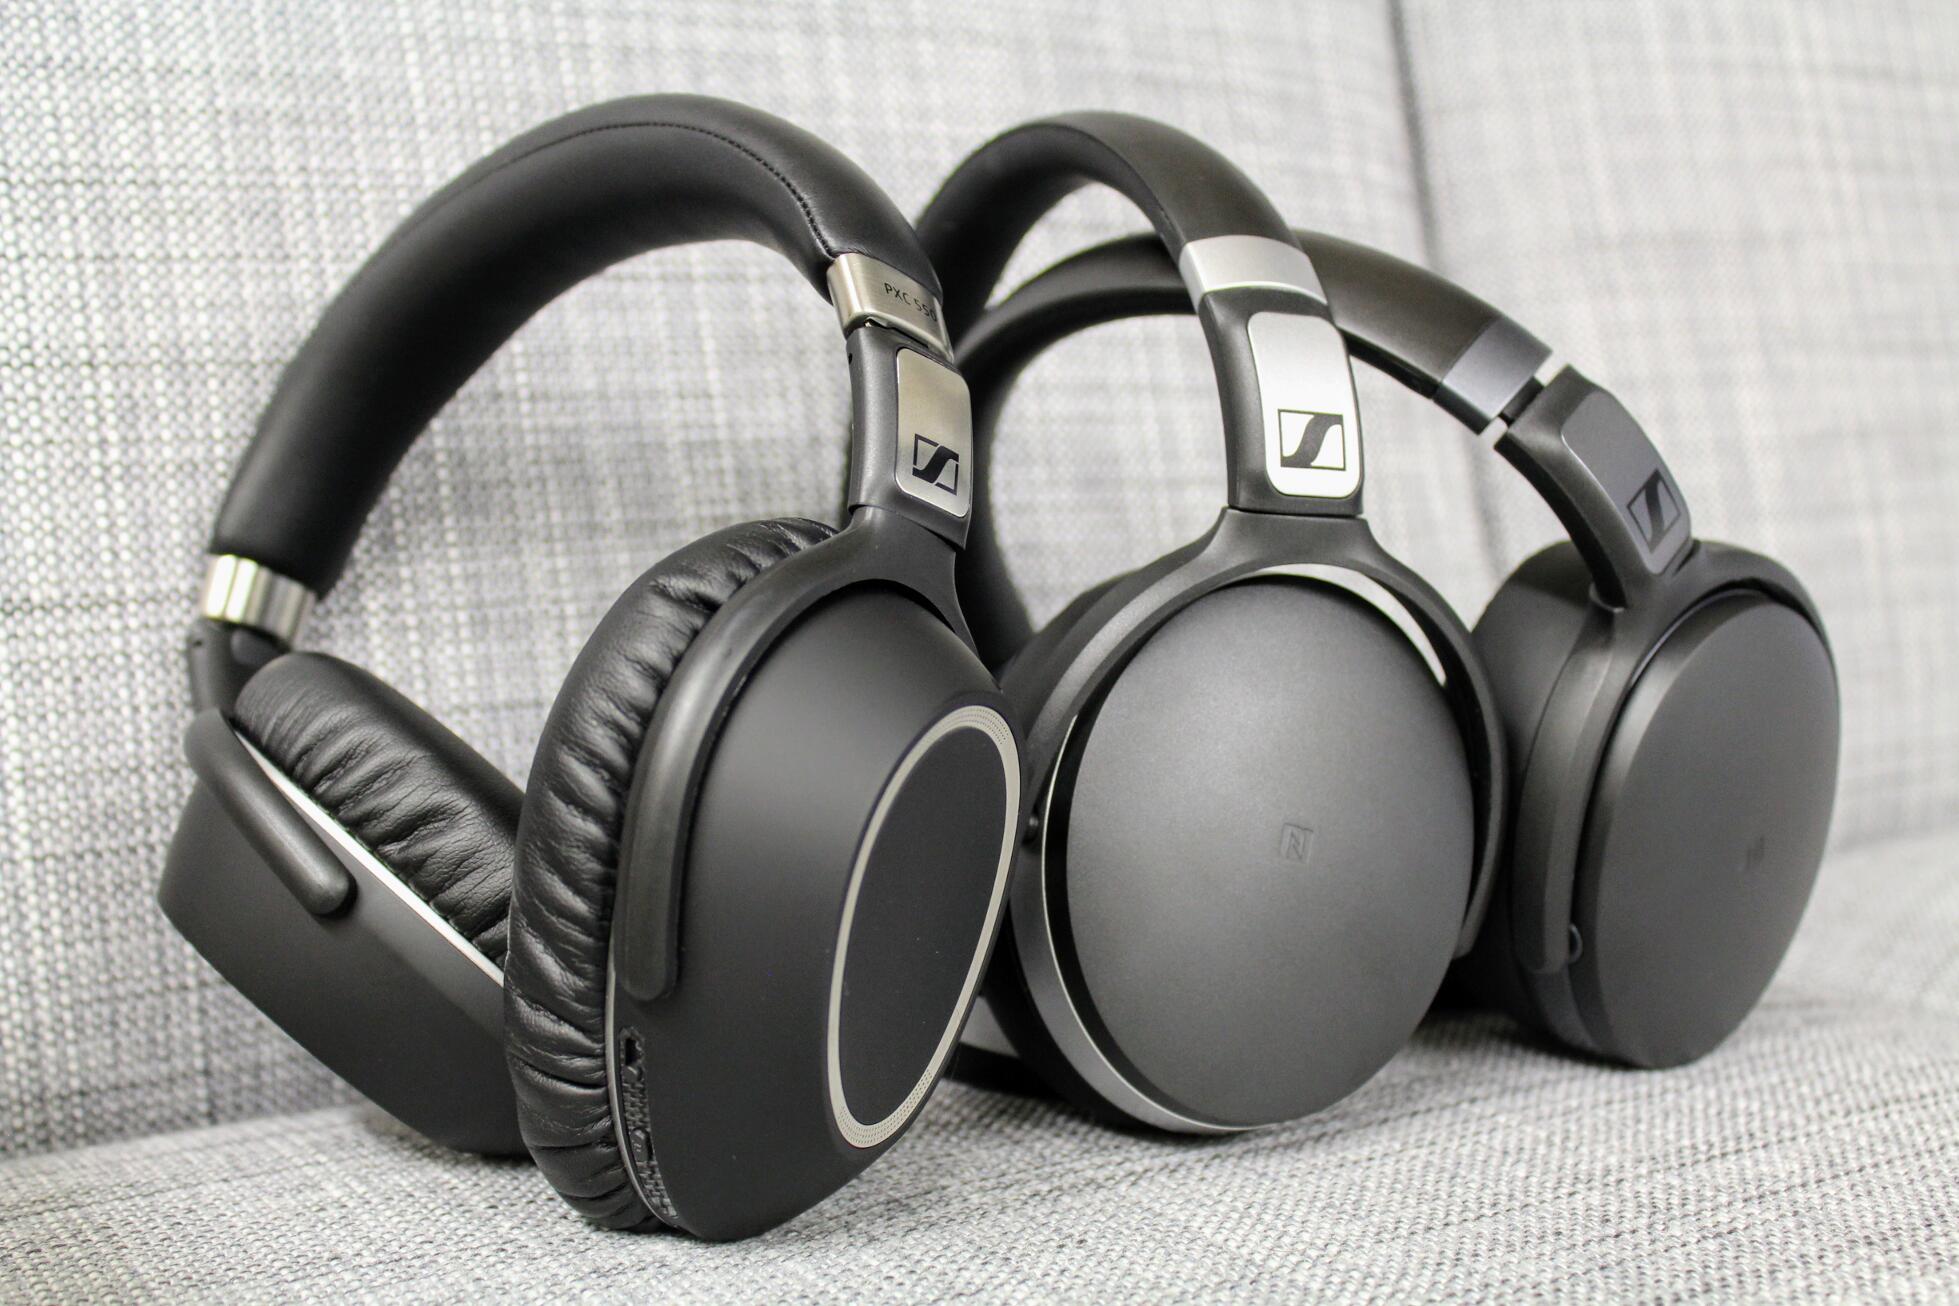 Review: Sennheiser HD 4 40 BT Wireless, HD 4 50 BTNC